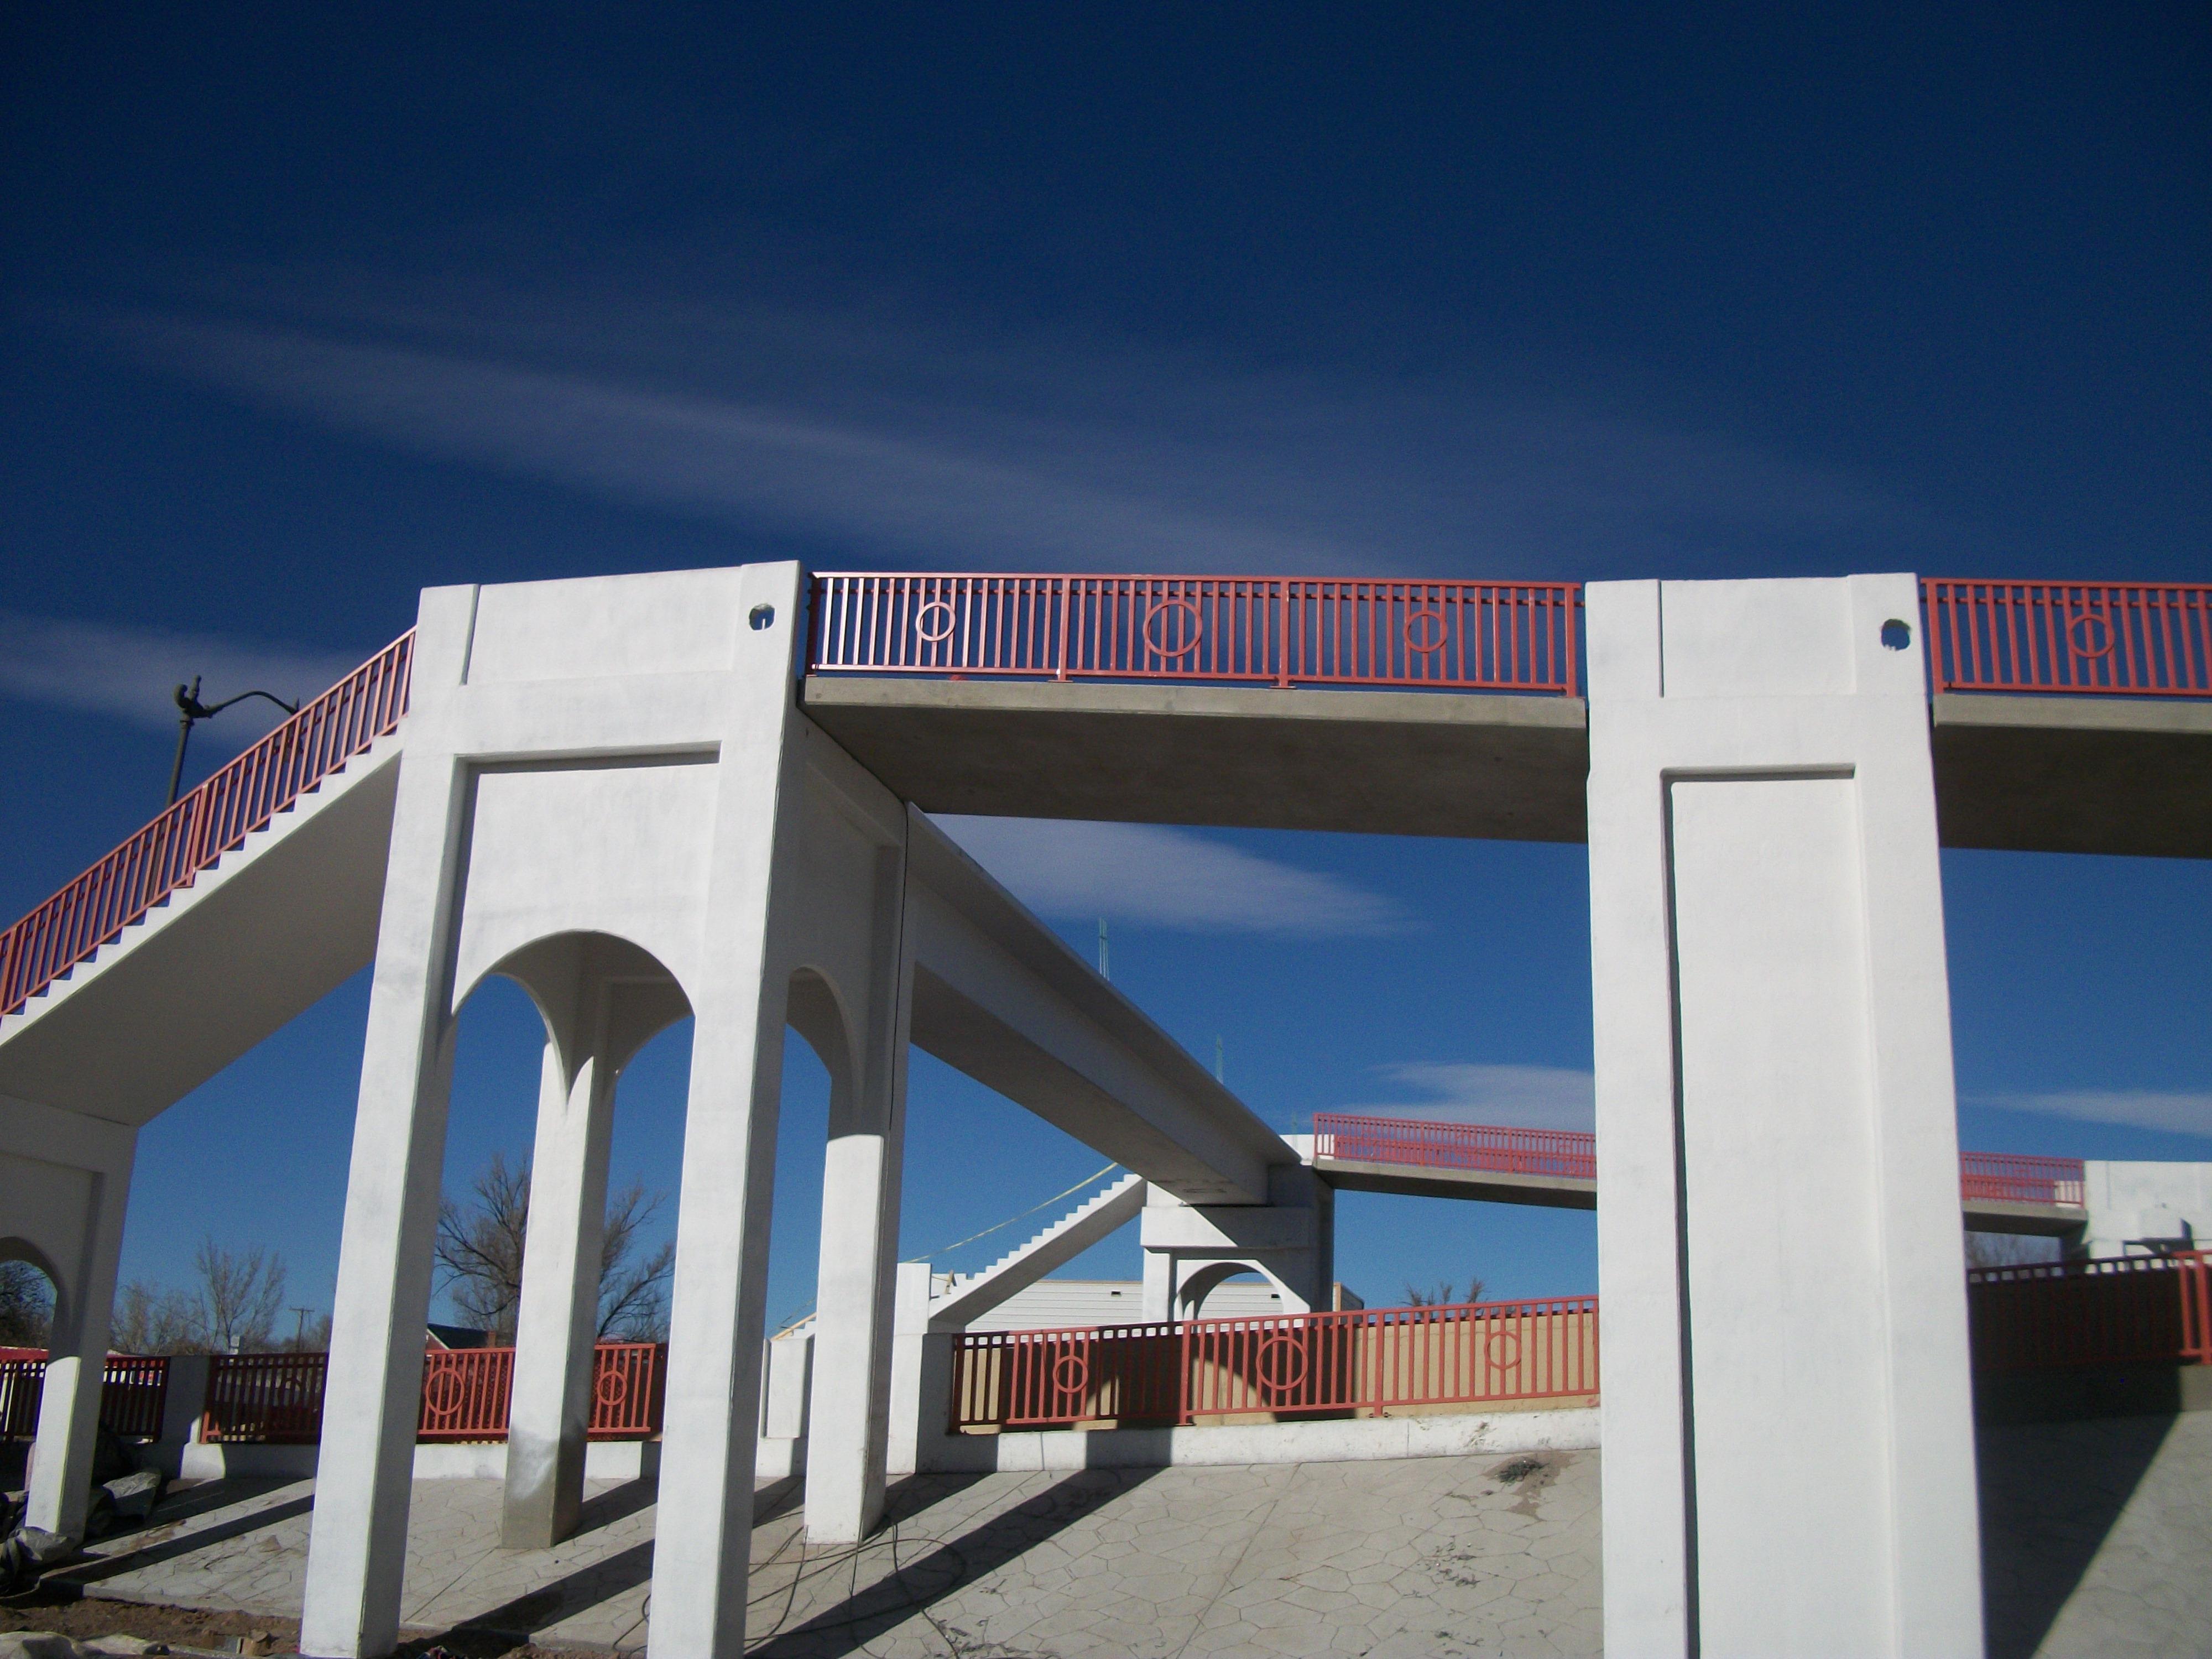 Reinken Road Pedestrian Bridge, Belen, New Mexico